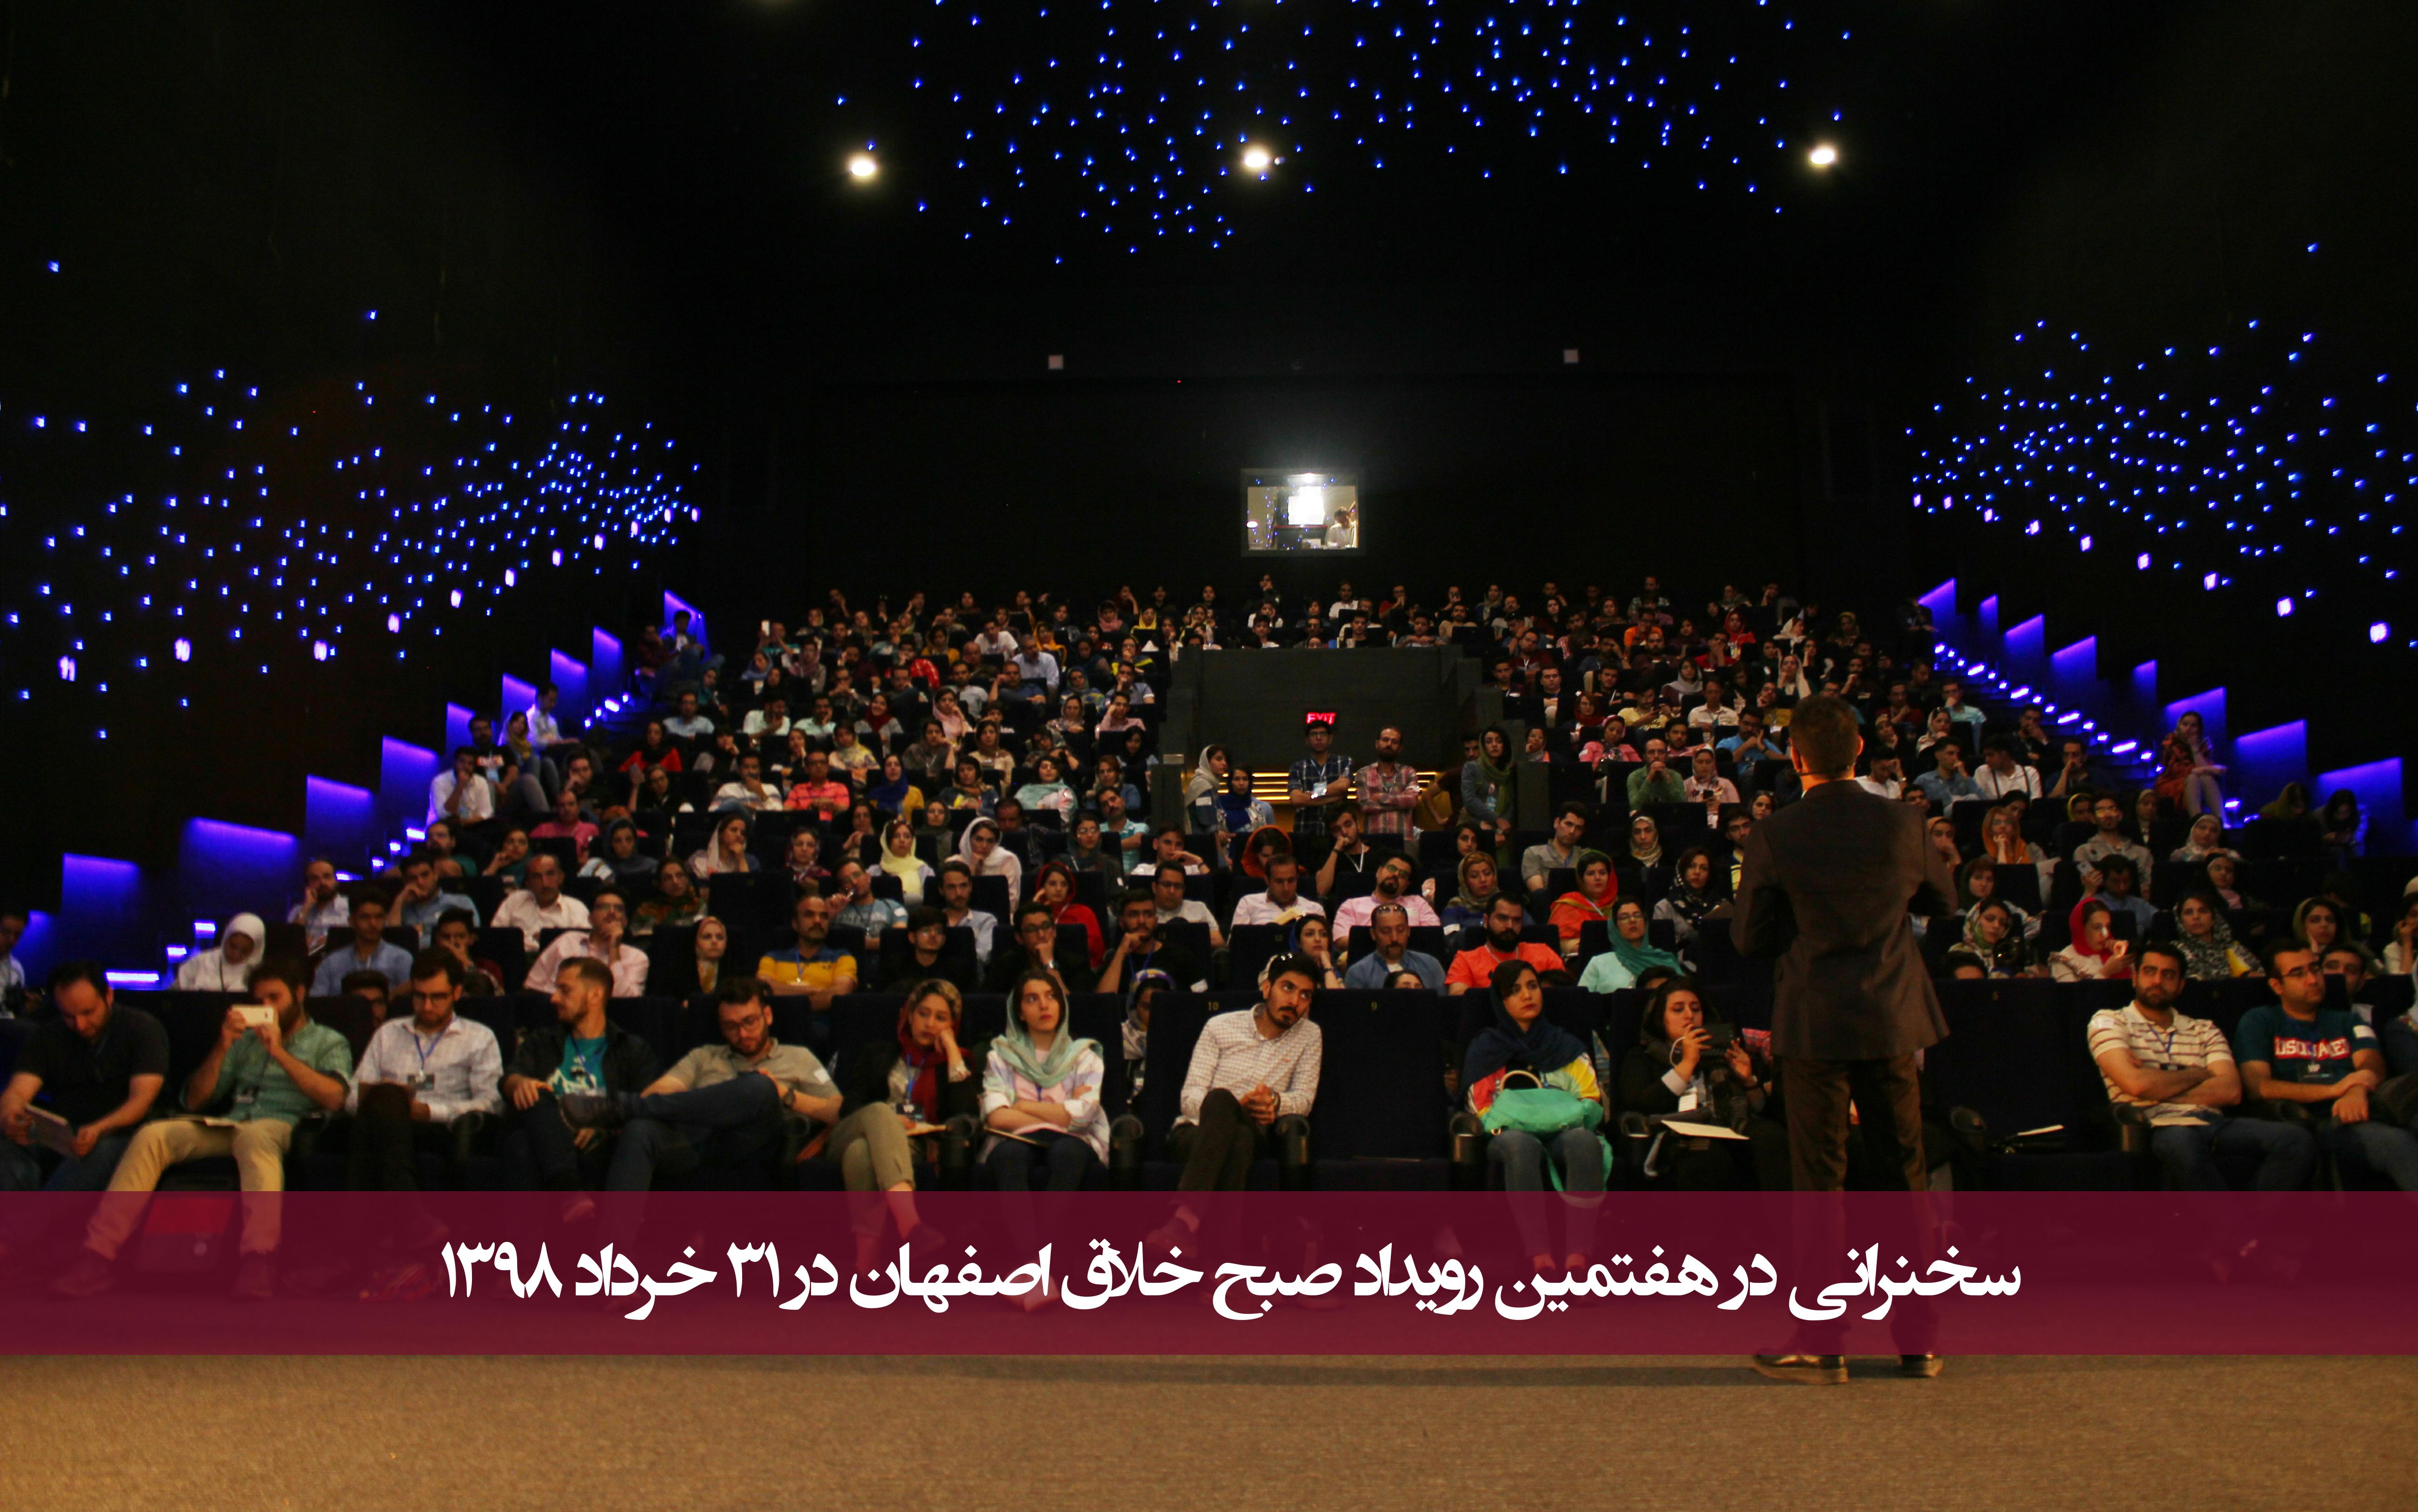 سخنرانی در هفتمین رویداد صبح خلاق اصفهان